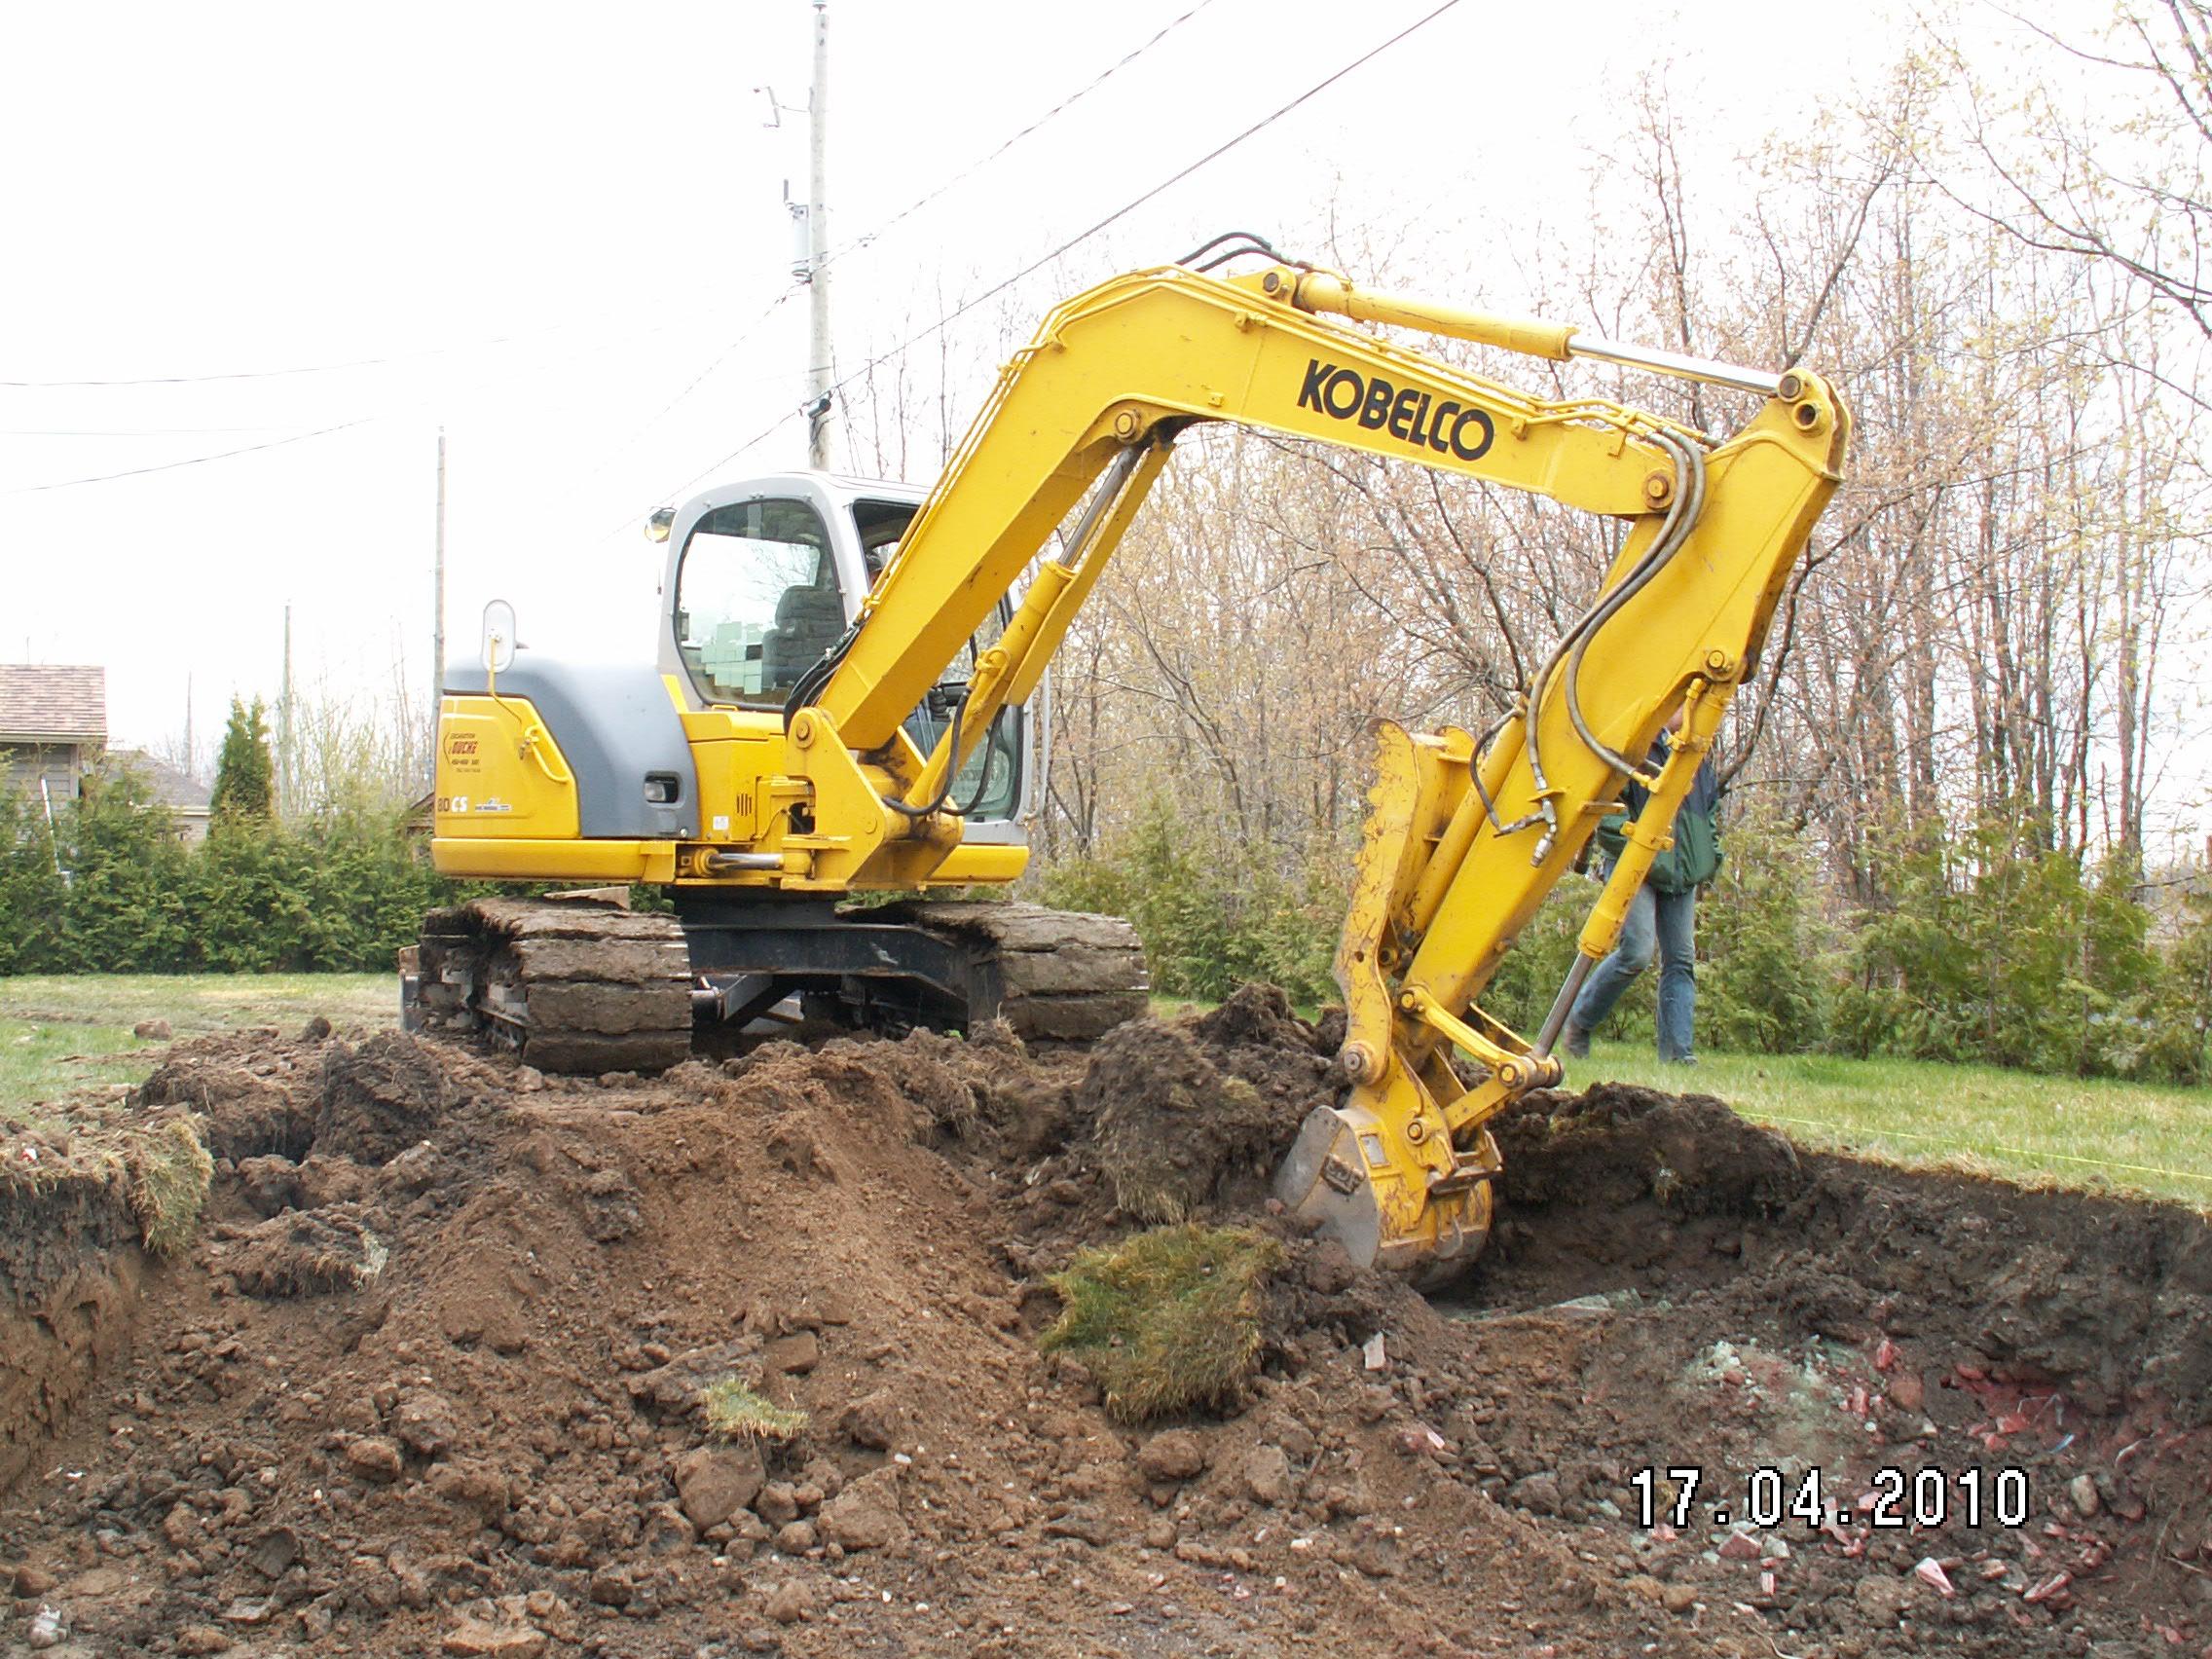 Projet d'excavation avec des équipements performants